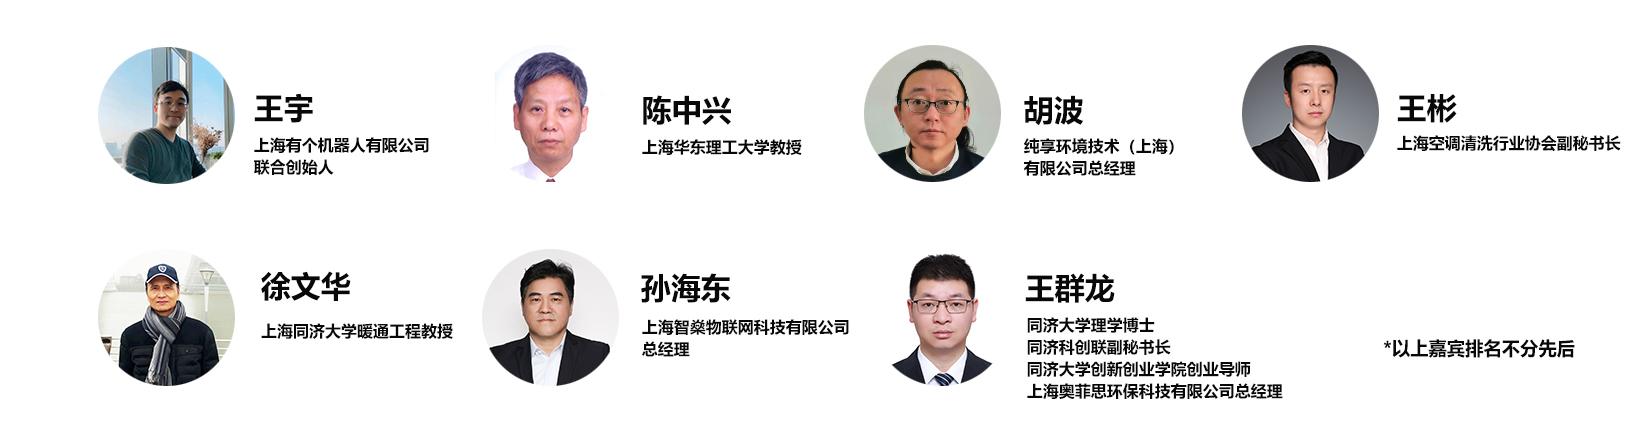 2021室内空气卫生智能化创新管理论坛-上海空气新风展 AIRVENTEC CHINA 2021.6.2-4 新风系统 通风设备 空气净化